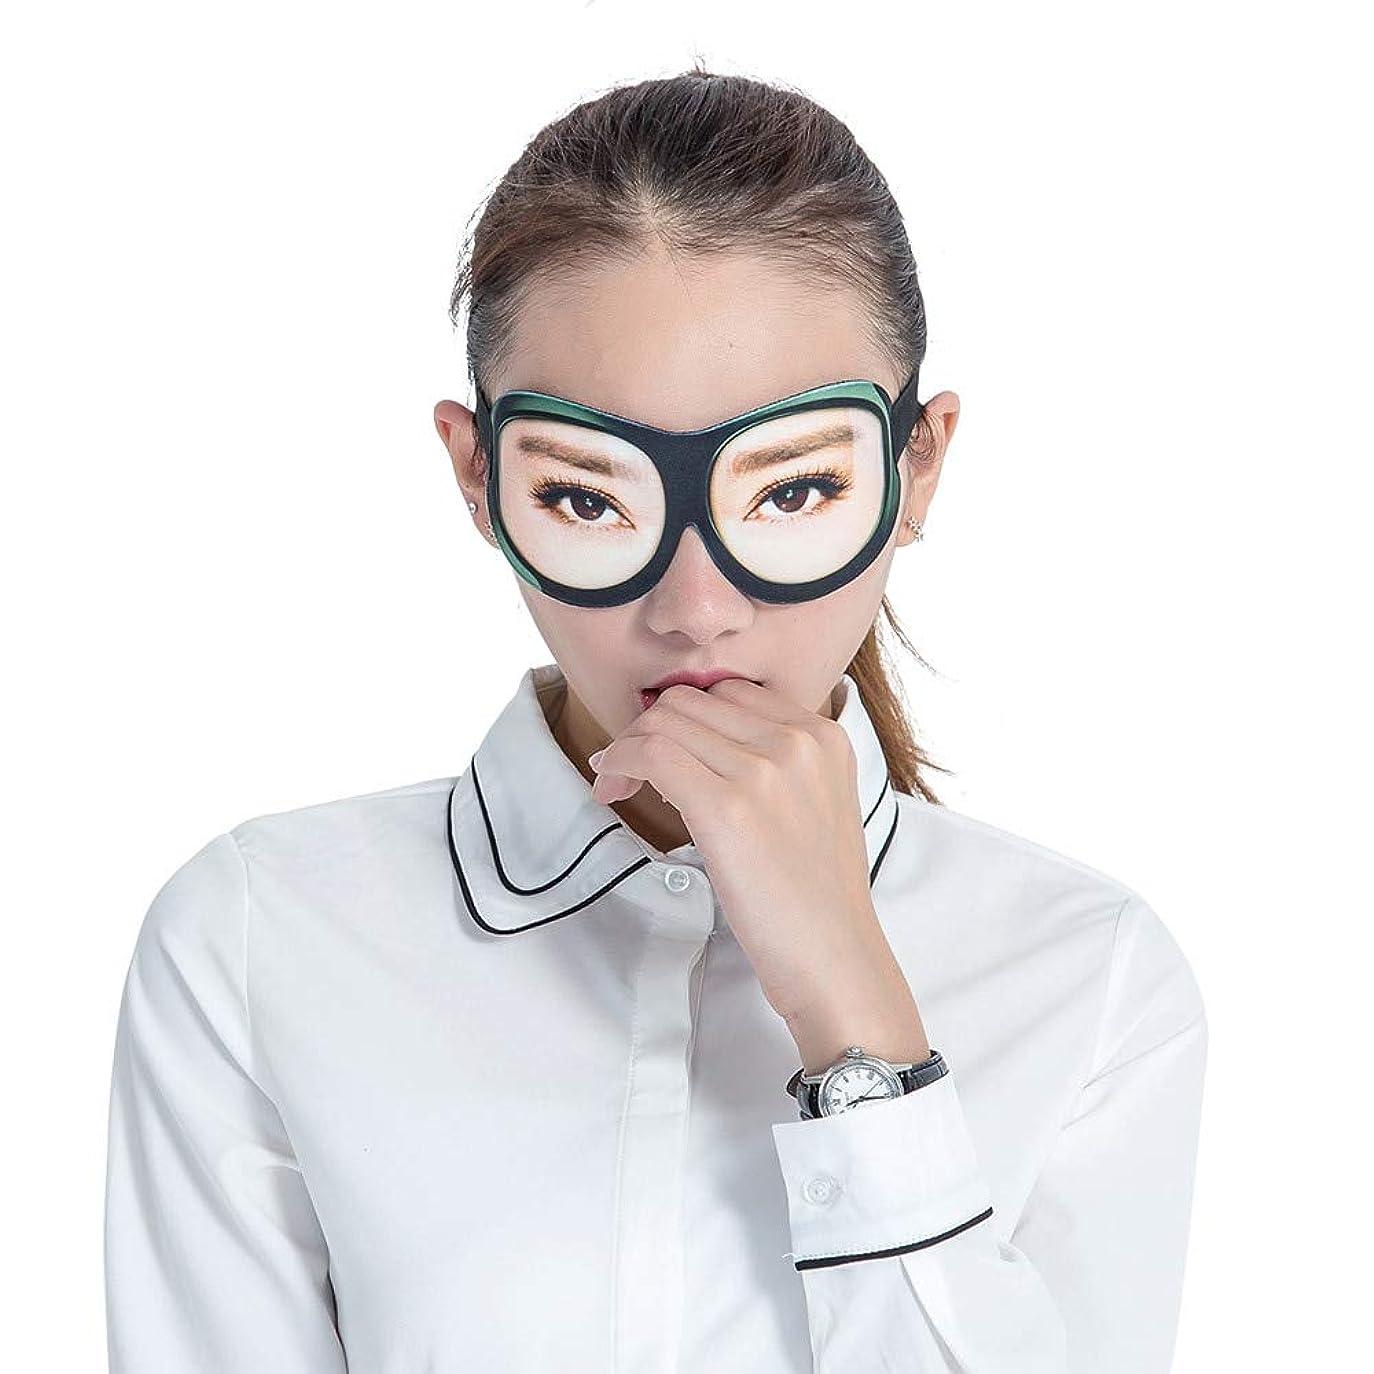 有害呼吸フロント3 Dソフトスリープマスク独特のアイシェード睡眠アシスタントアイパッチ睡眠をおかしくする